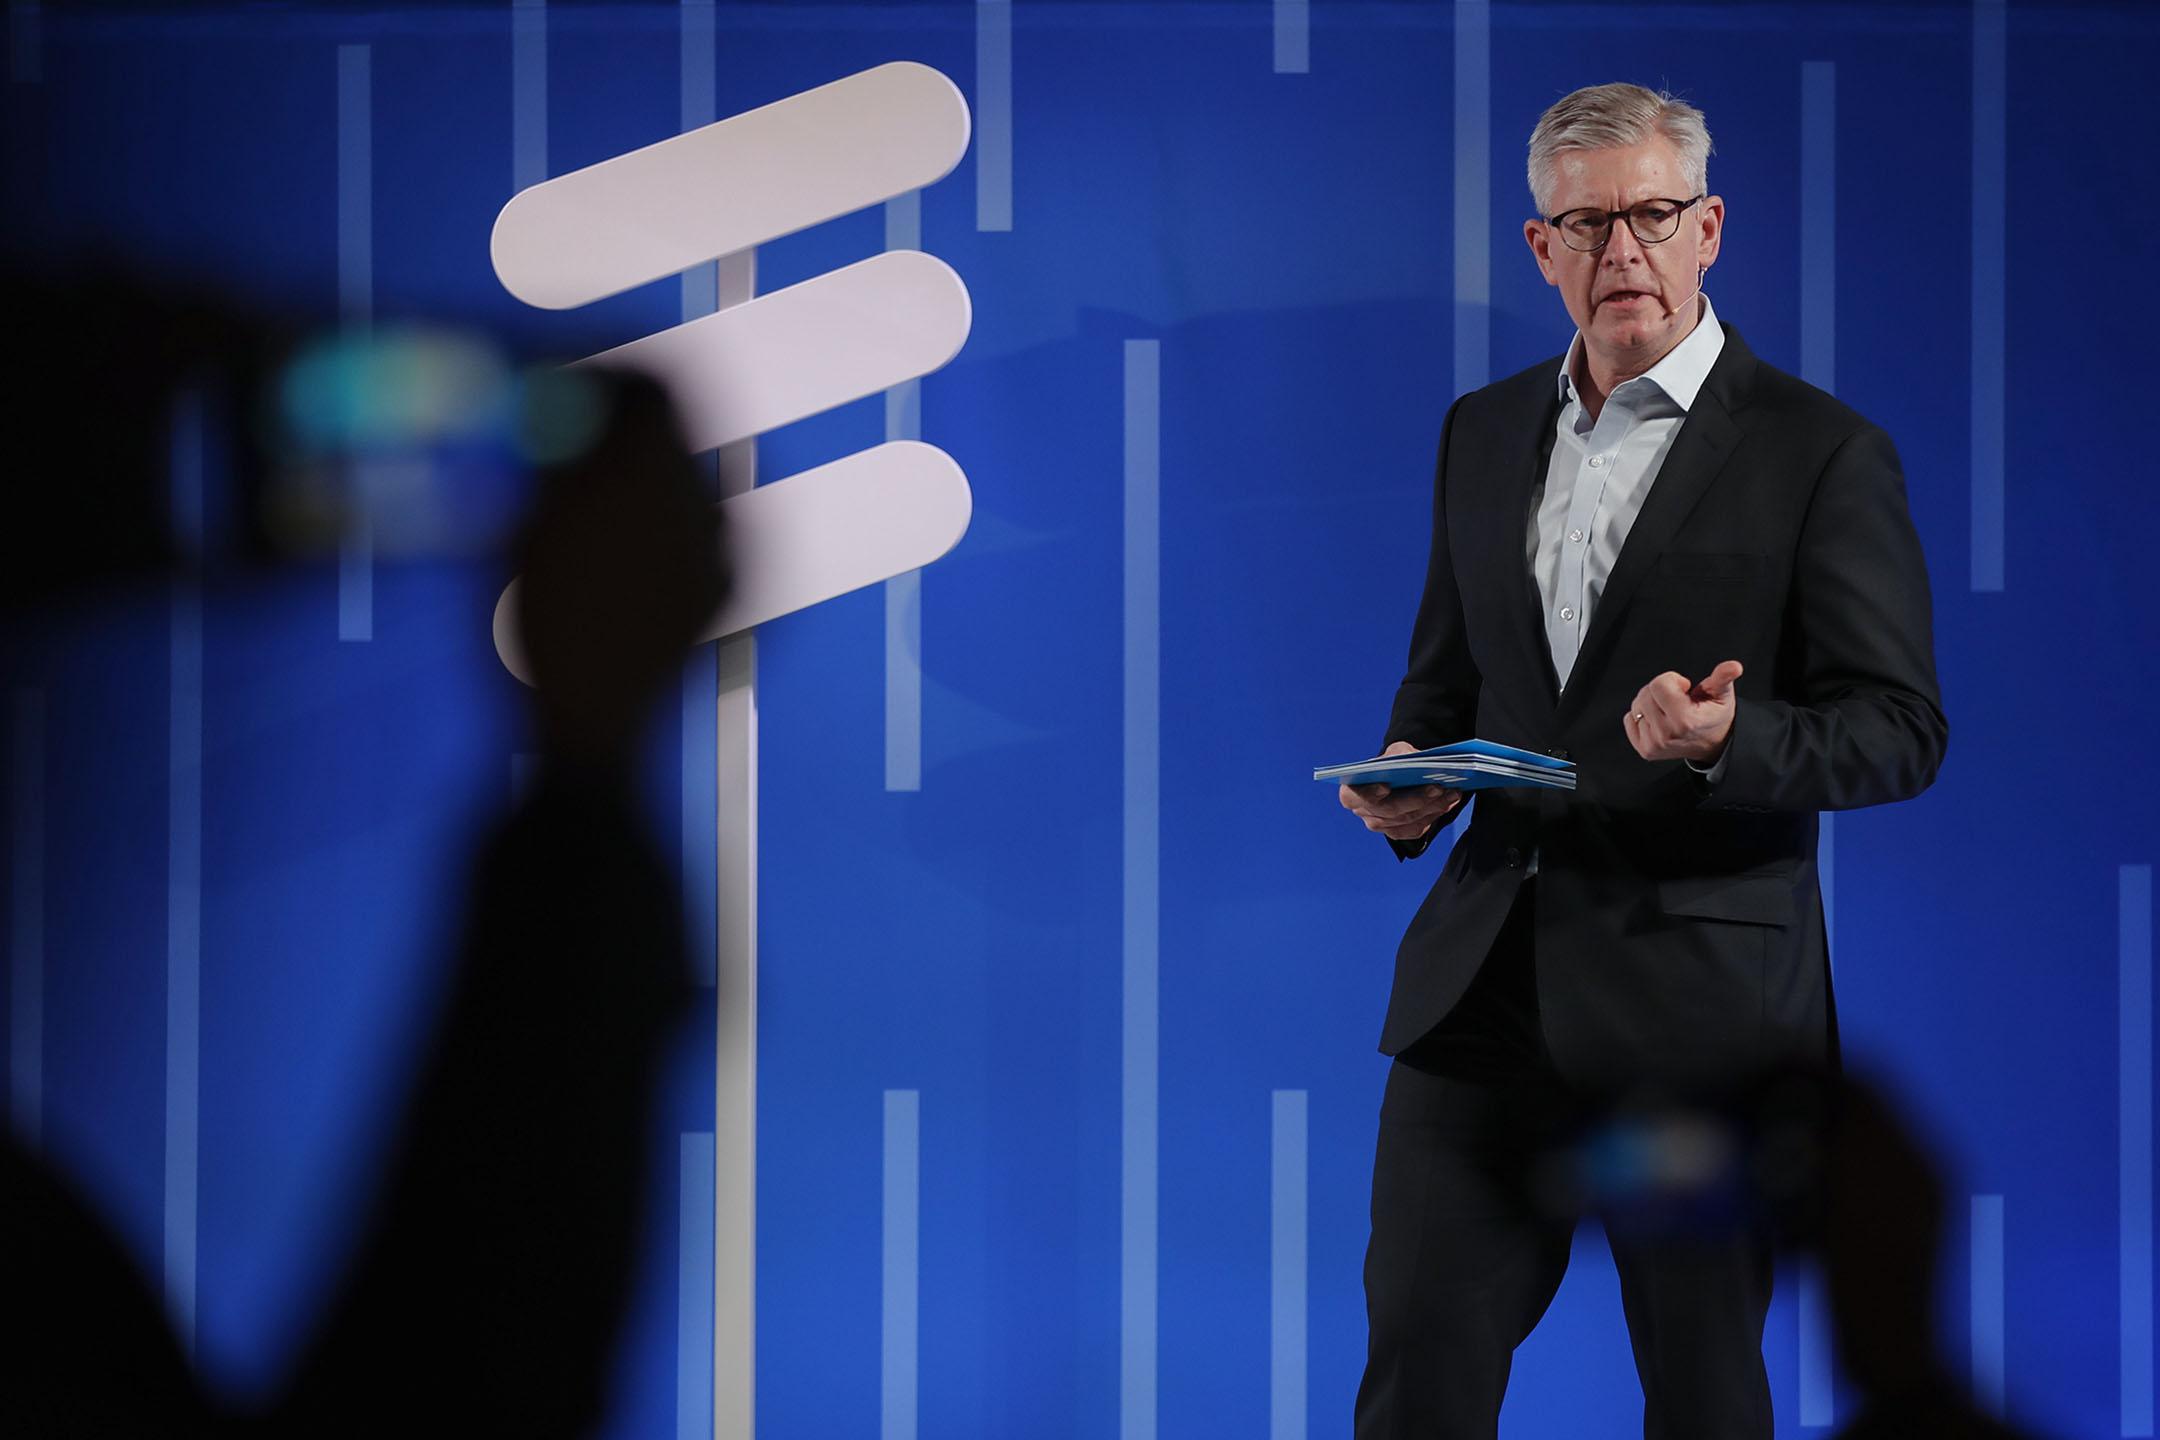 2019年2月25日西班牙巴塞羅那,愛立信首席執行官埃克霍爾姆(Borje Ekholm)在一場演講中。